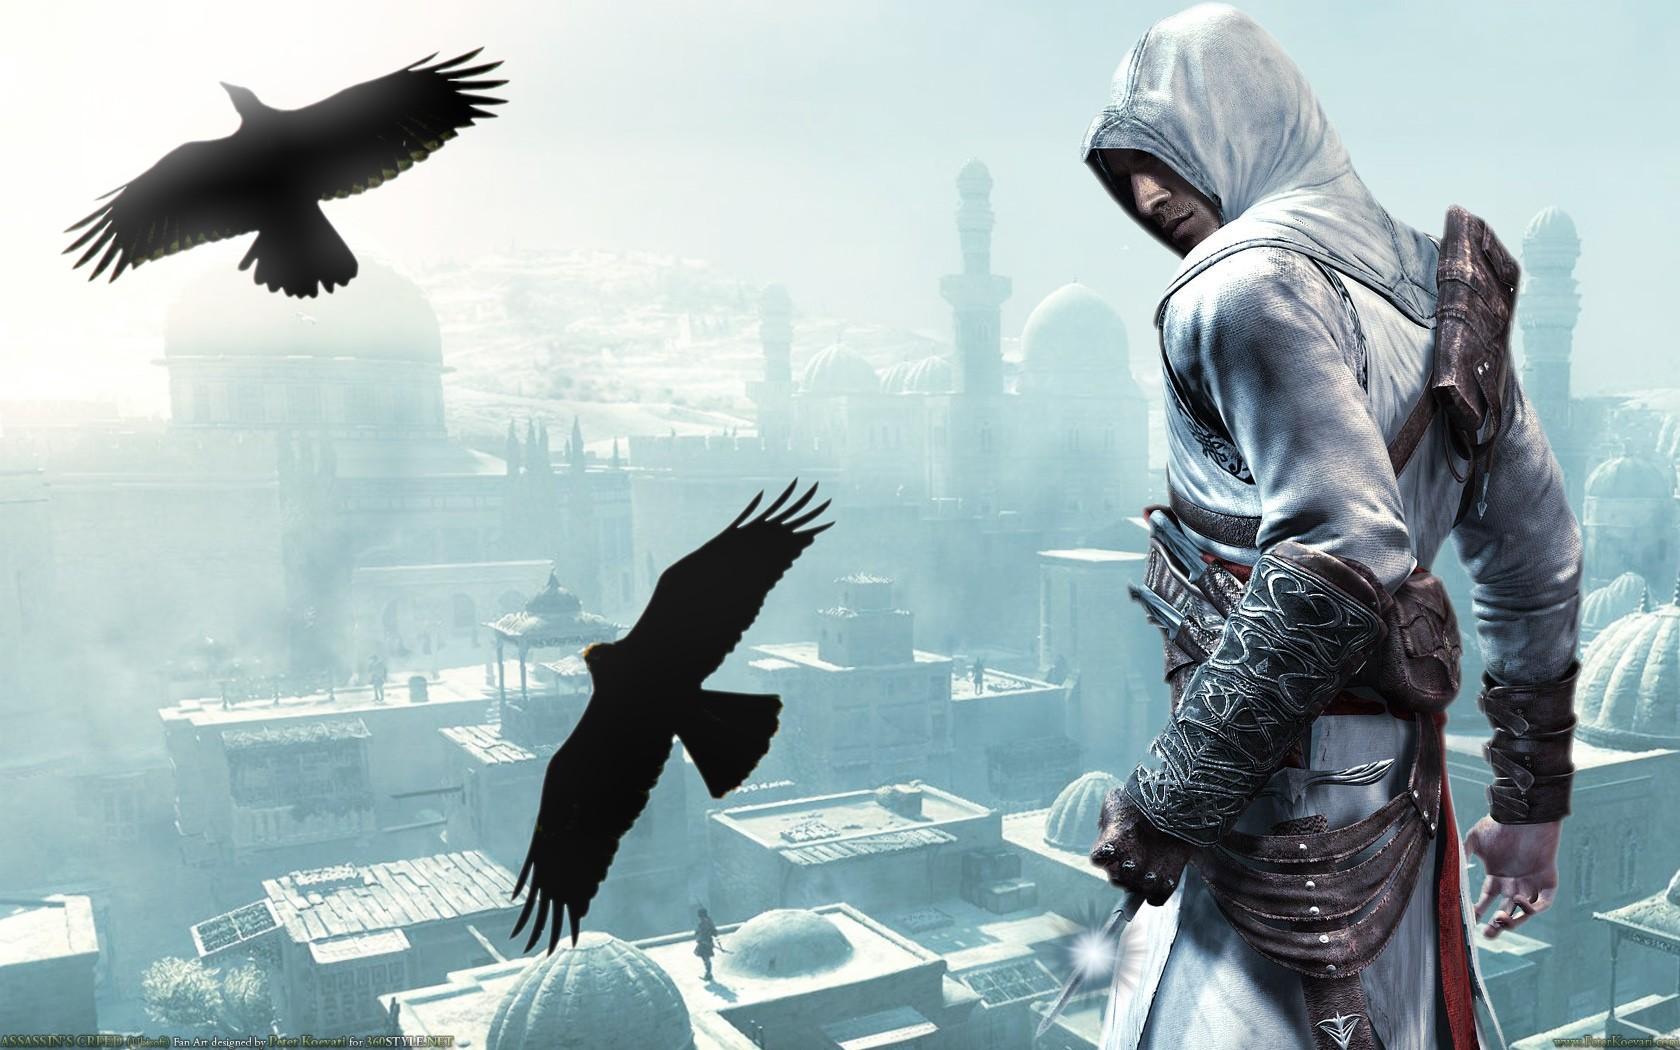 Assassins Creed Wallpaper 1680x1050 Assassins Creed Altair 1680x1050